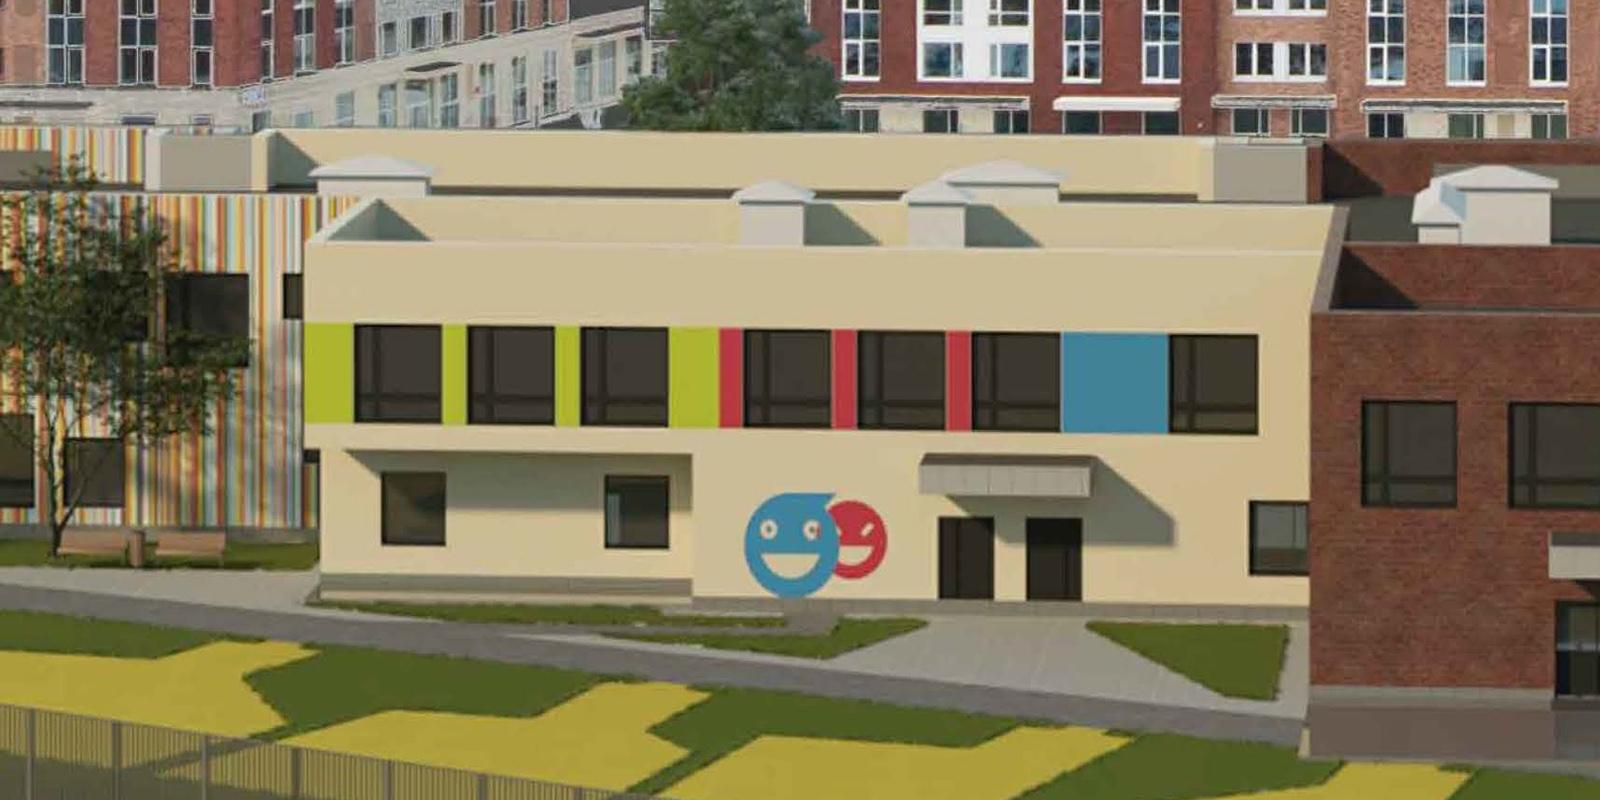 Детский сад со смайликами на фасадах построят в Москве